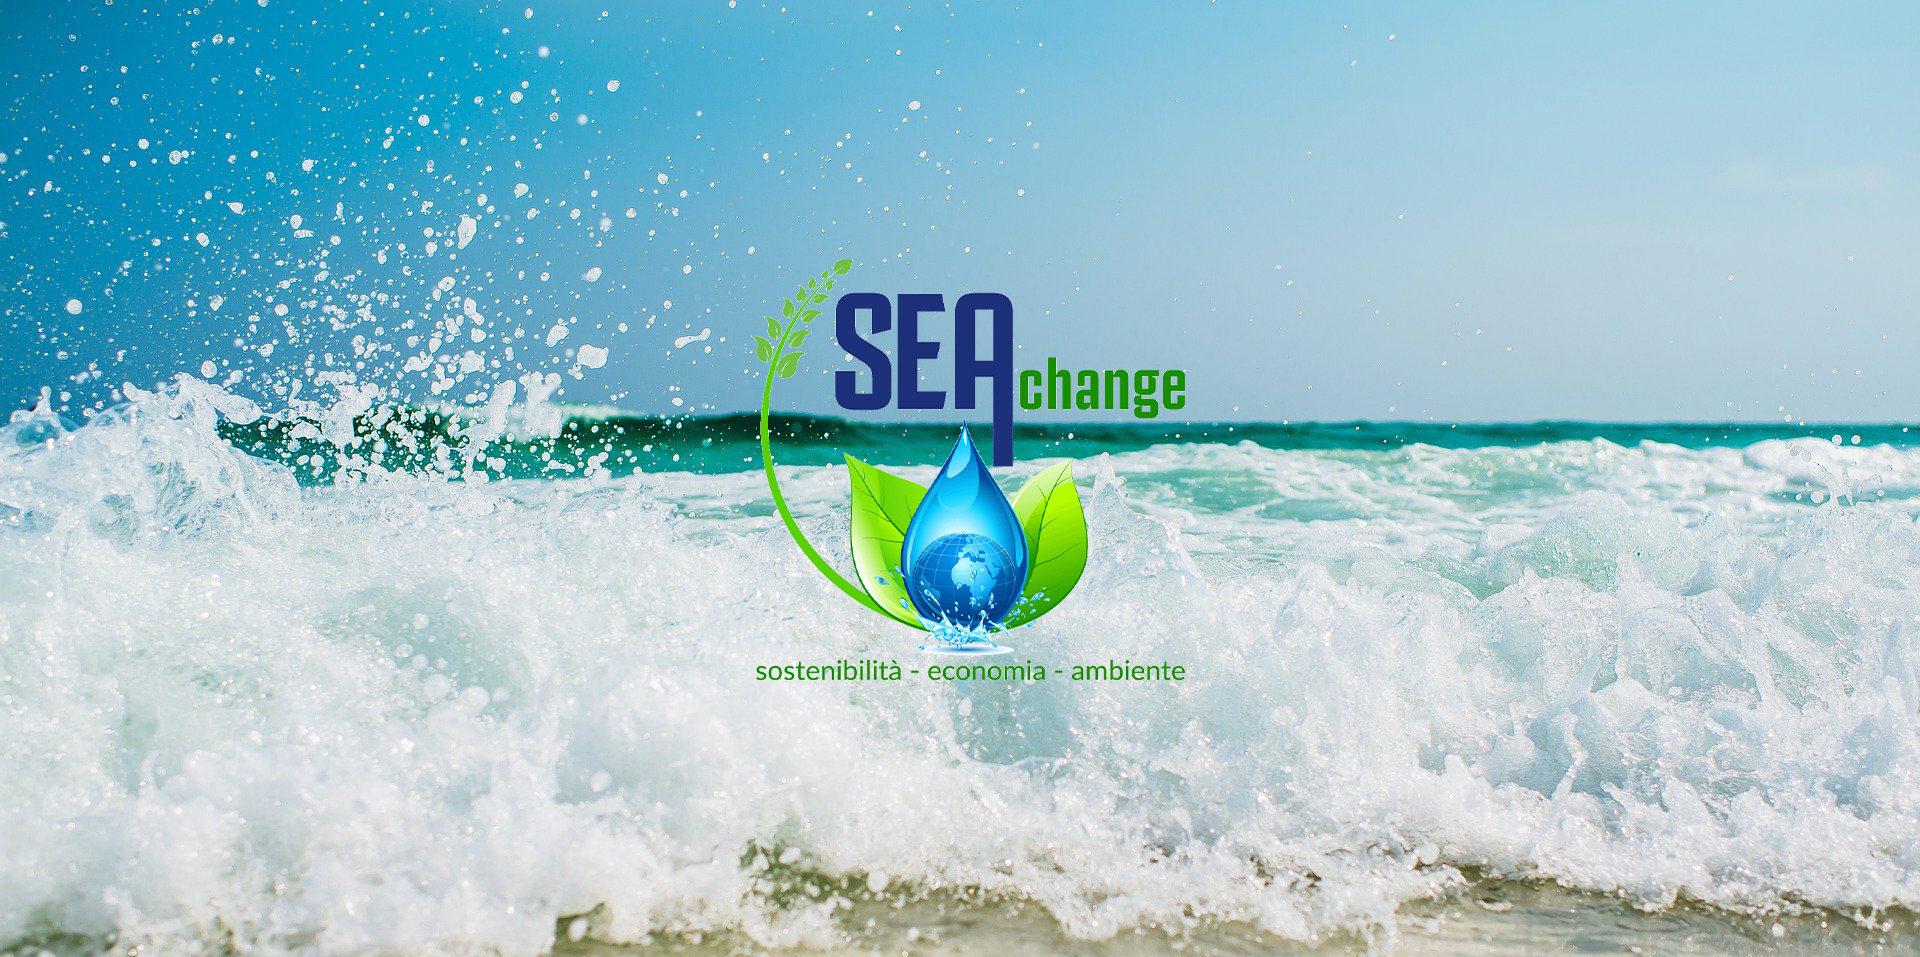 Nel nostro blog Seaforchange trattiamo argomenti riguardanti la sostenibilità, l'economia e l'ambiente.